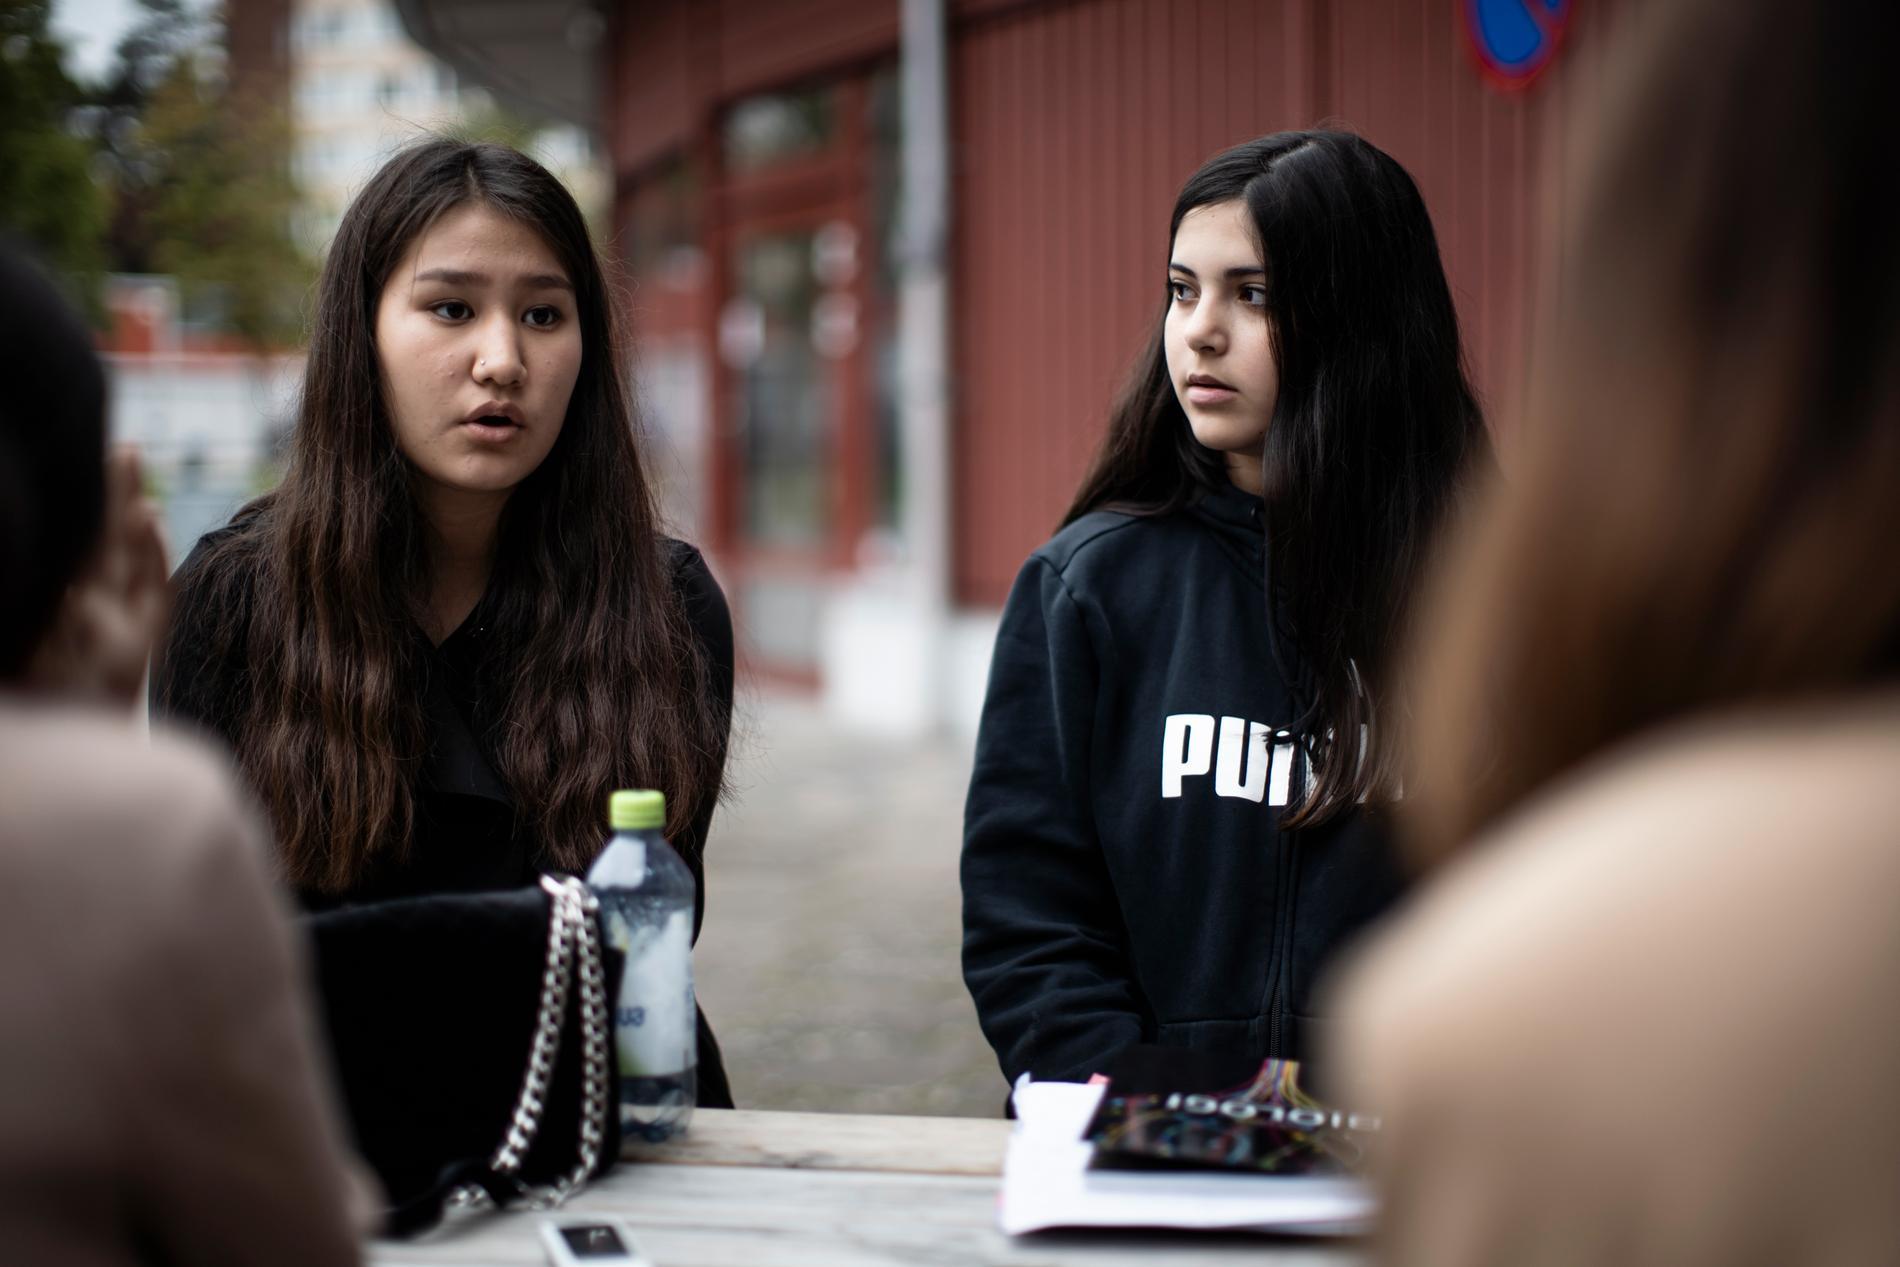 """Sara Masoumi och Roha Al hariri har bytt från Kronan till en friskola: """"Vi har fått bättre studiero nu""""."""